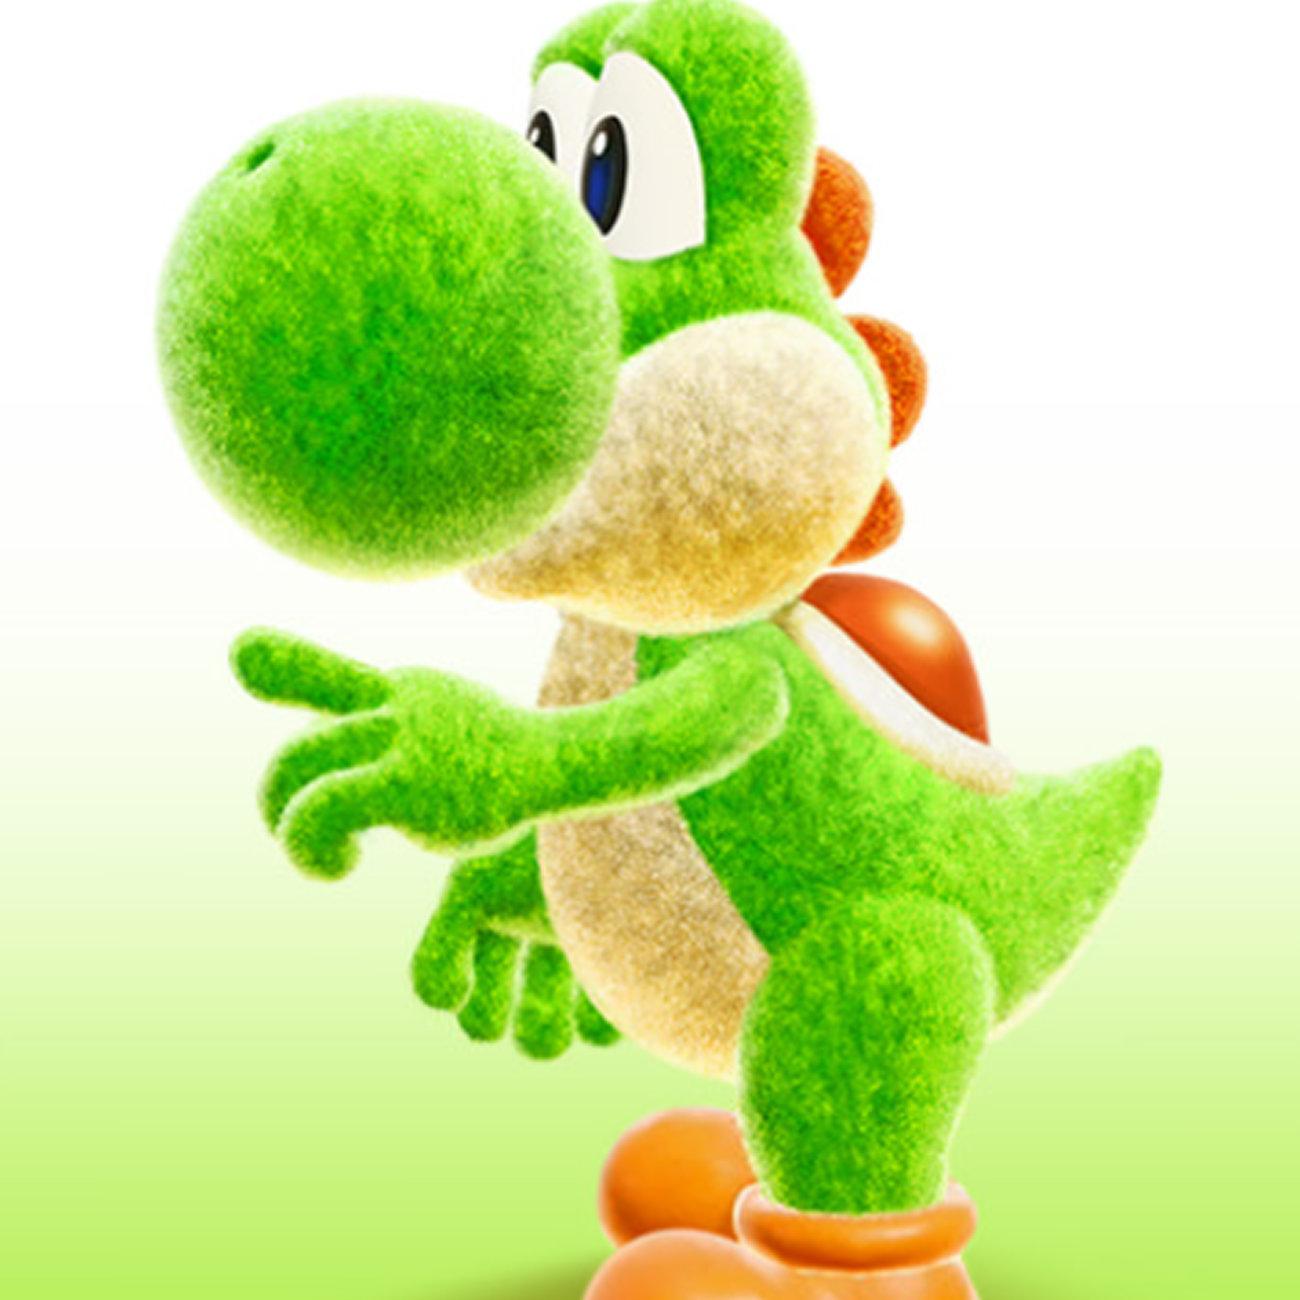 ヨッシー for Nintendo Switch、発売日は2019年の春